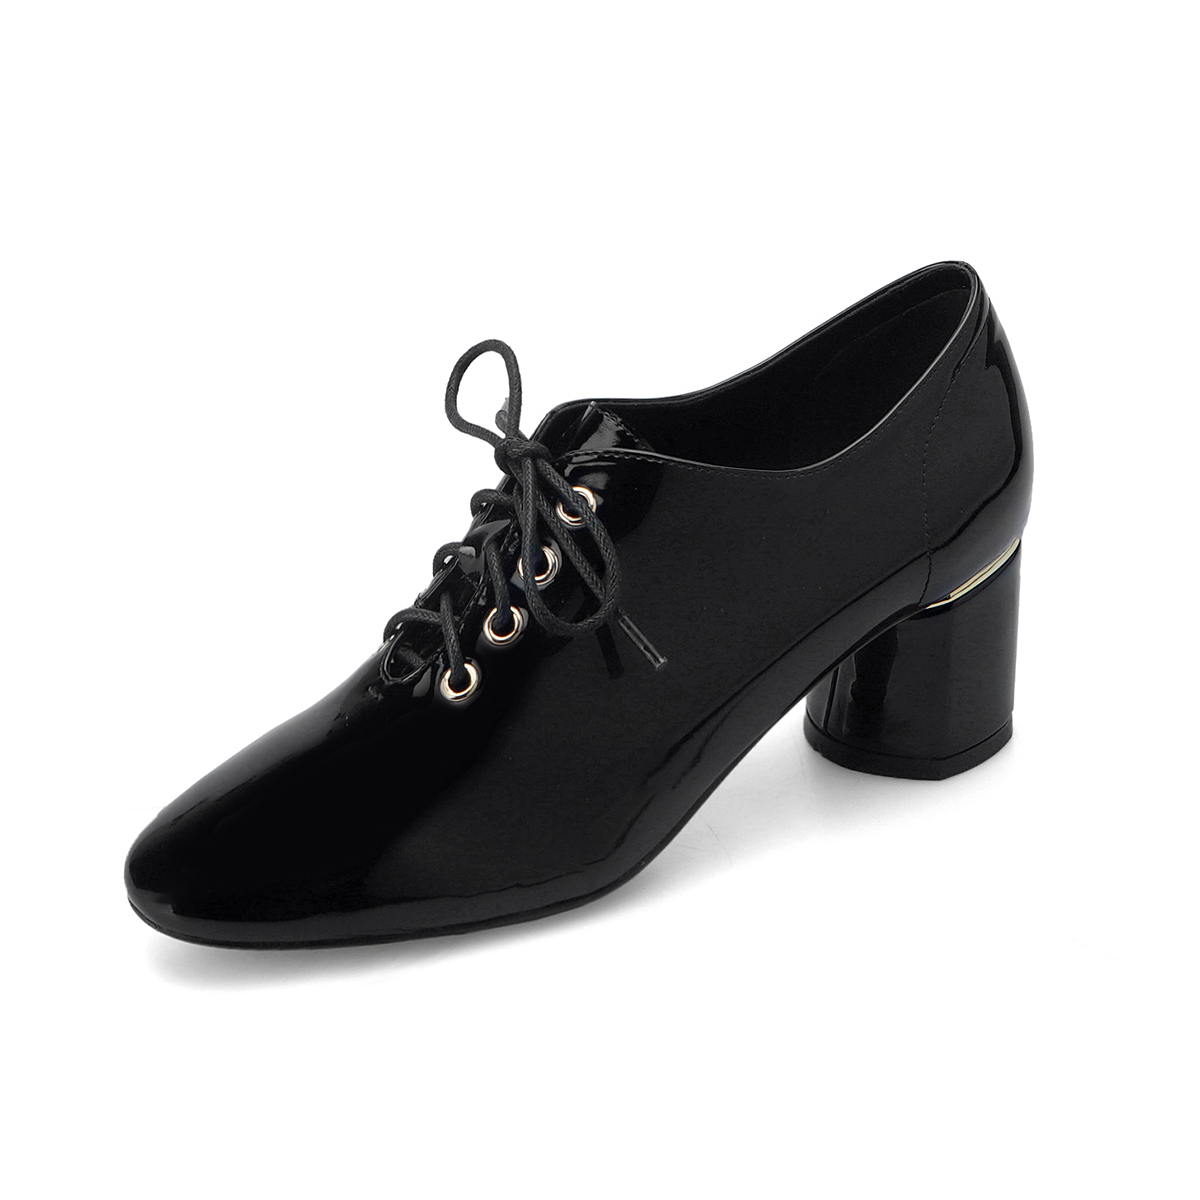 Match 2019 Apricot Automne Sandales Tous rouge Les Chaussures Pompes Hauts 43 Style noir Carré Printemps Western Bout Esveva Femmes Pour Rond Taille 34 Talons dnxwqdY